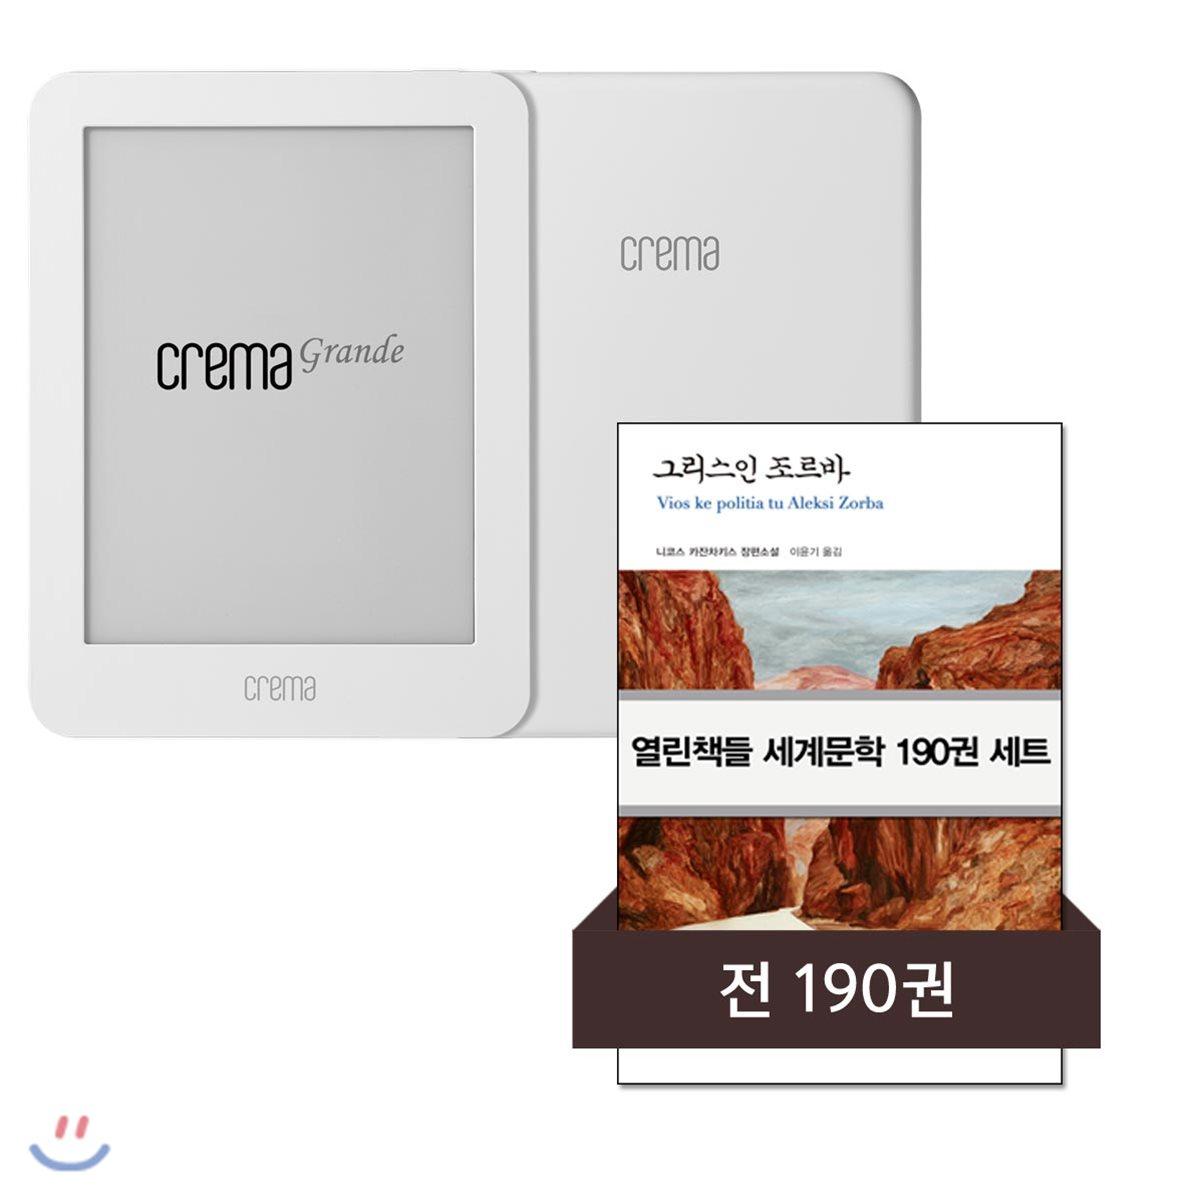 예스24 크레마 그랑데 (crema grande) : 화이트 + 열린책들 세계문학 전집 190 (전190권) eBook 세트